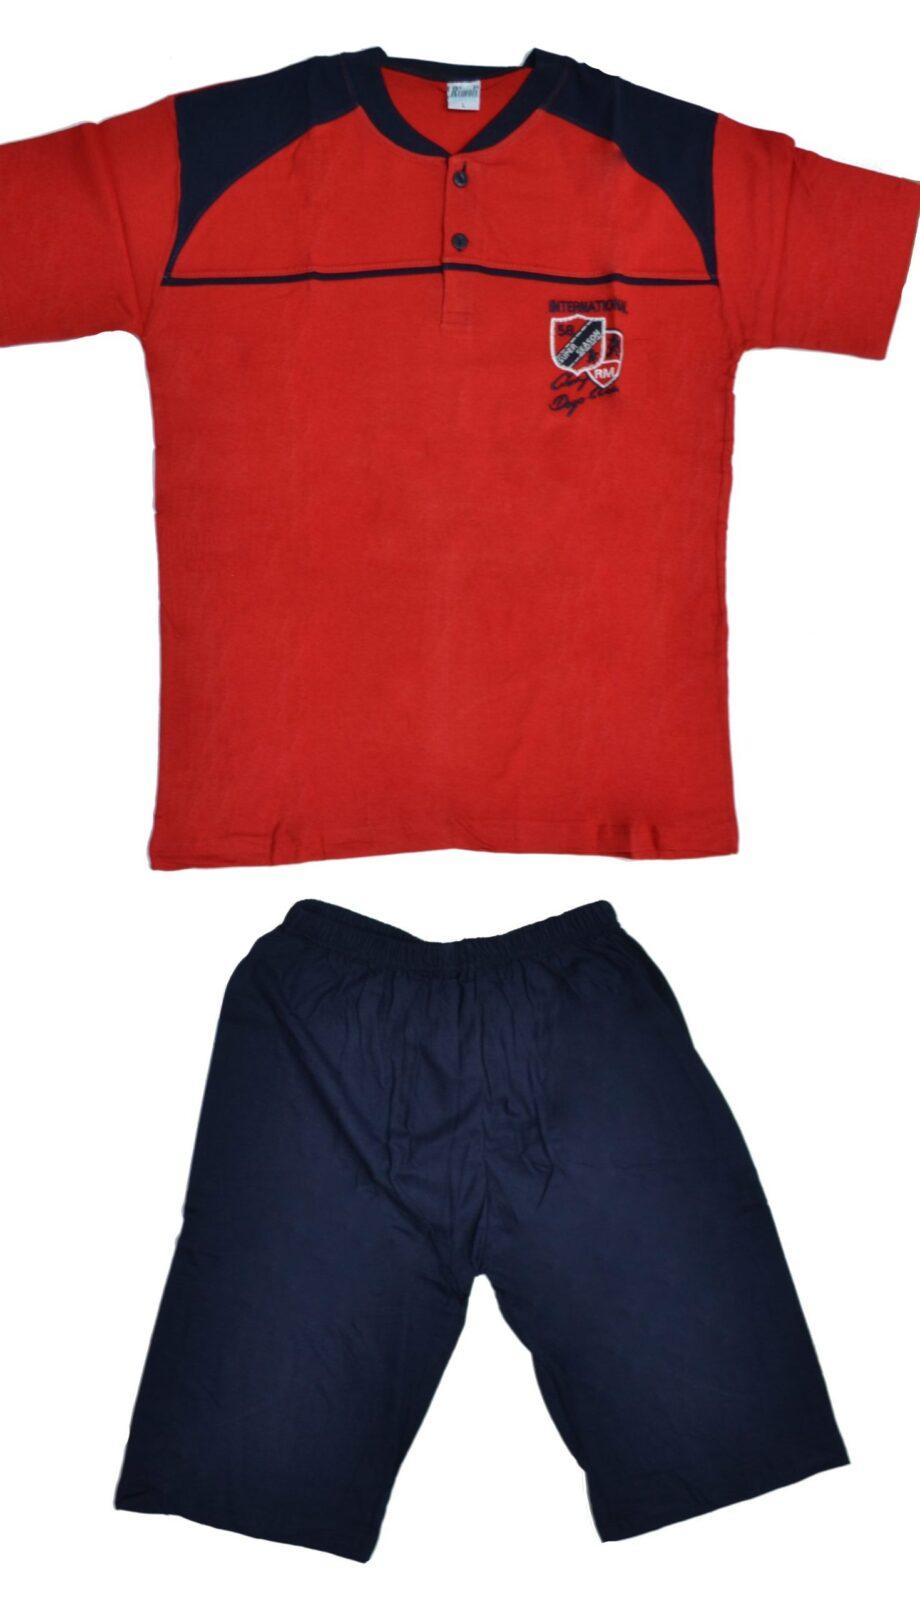 πιτζάμα-κοντομανικη-κοκκινη-με-κοντο-παντελόνι-scaled-e1586937081508.jpg